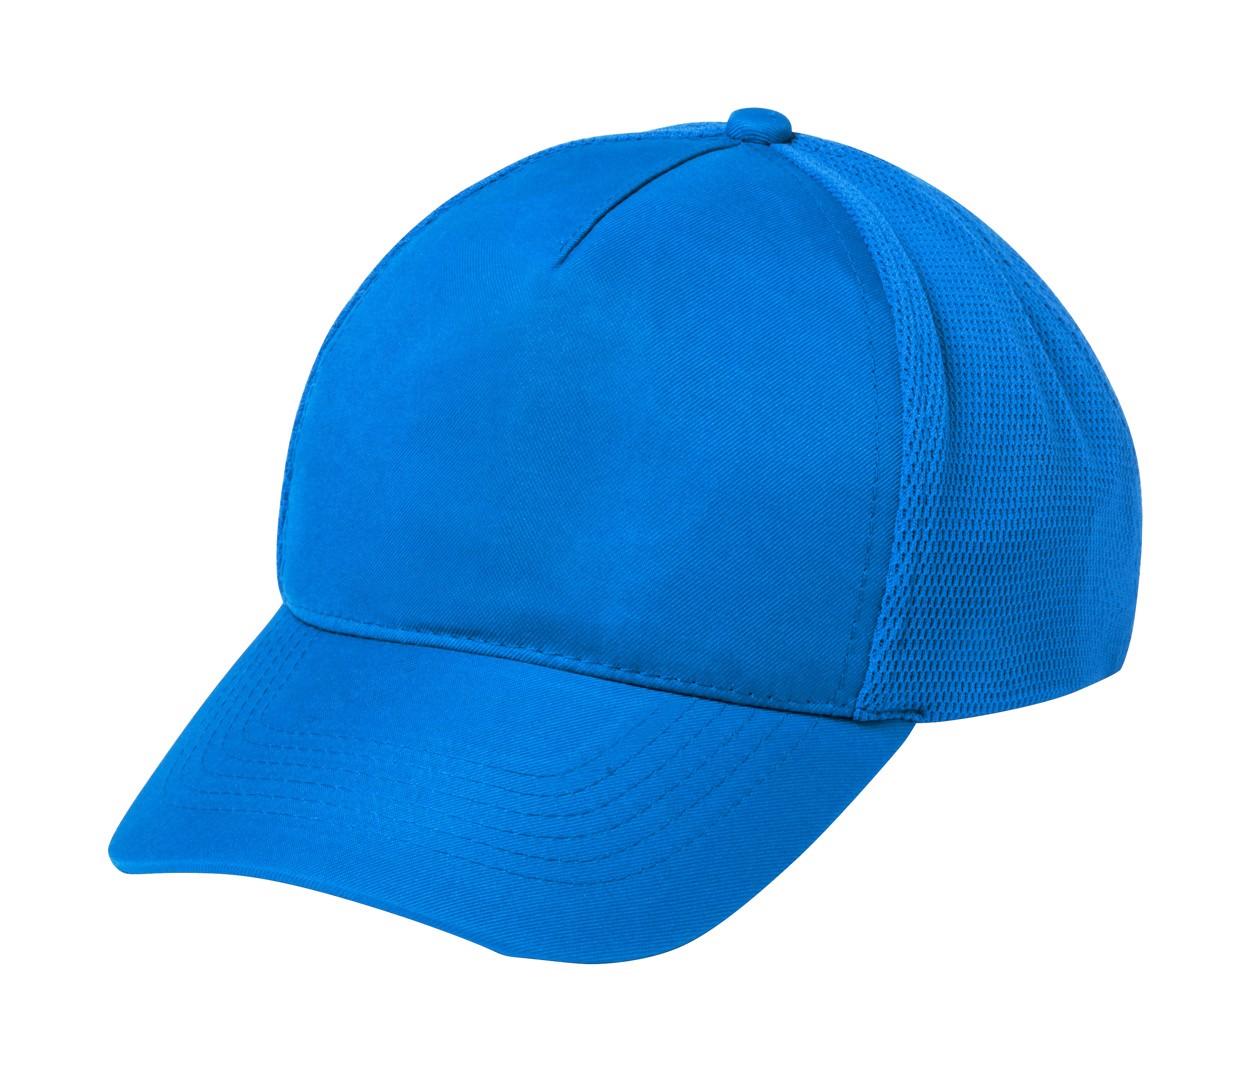 Baseballová Čepice Karif - Světle Modrá